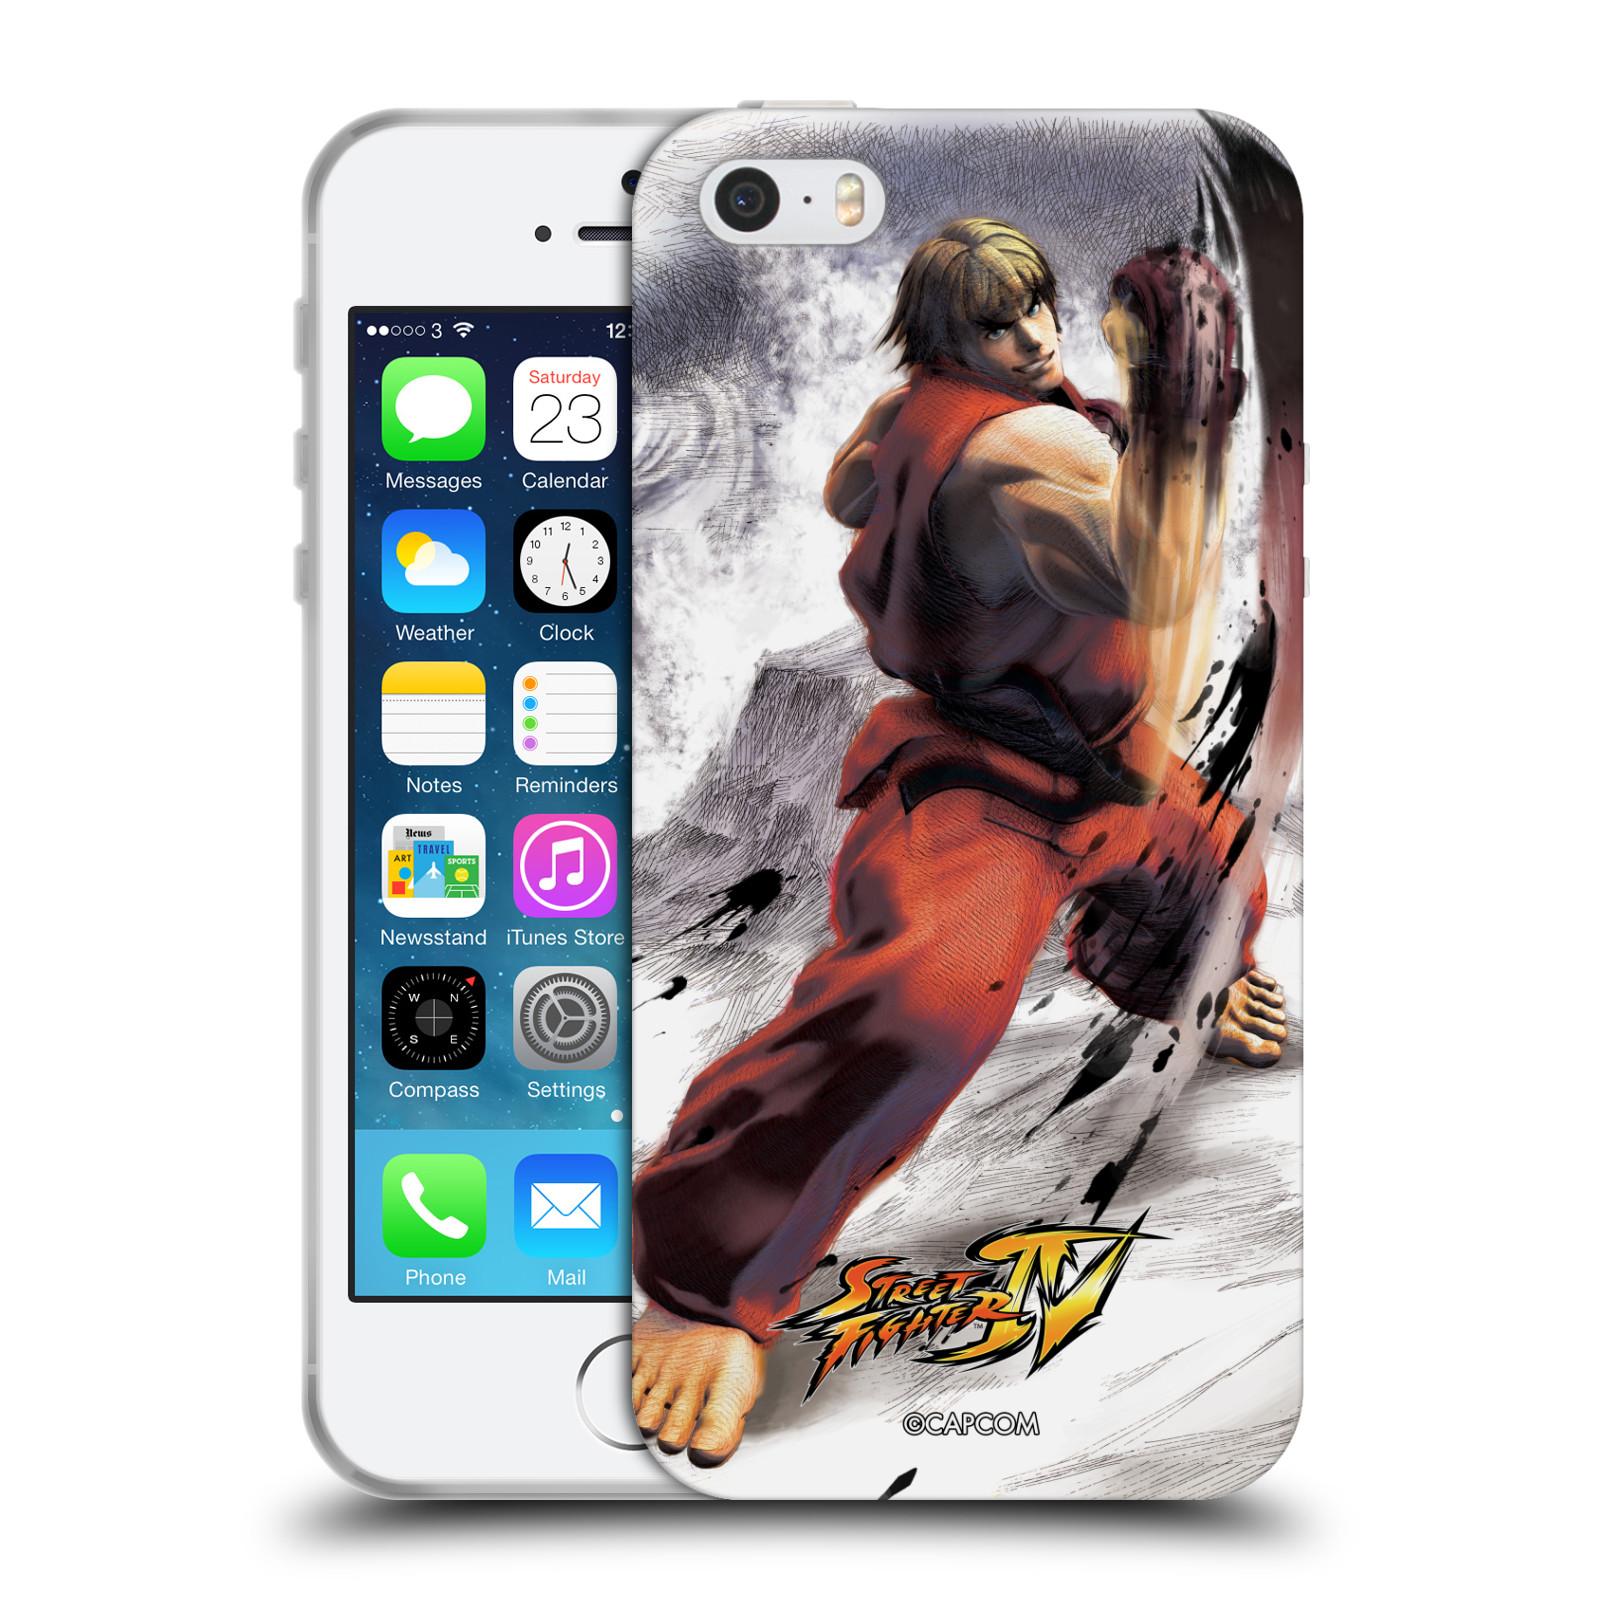 HEAD CASE silikonový obal na mobil Apple Iphone 5/5S oficiální kryt STREET FIGHTER bojovník Ken kresba